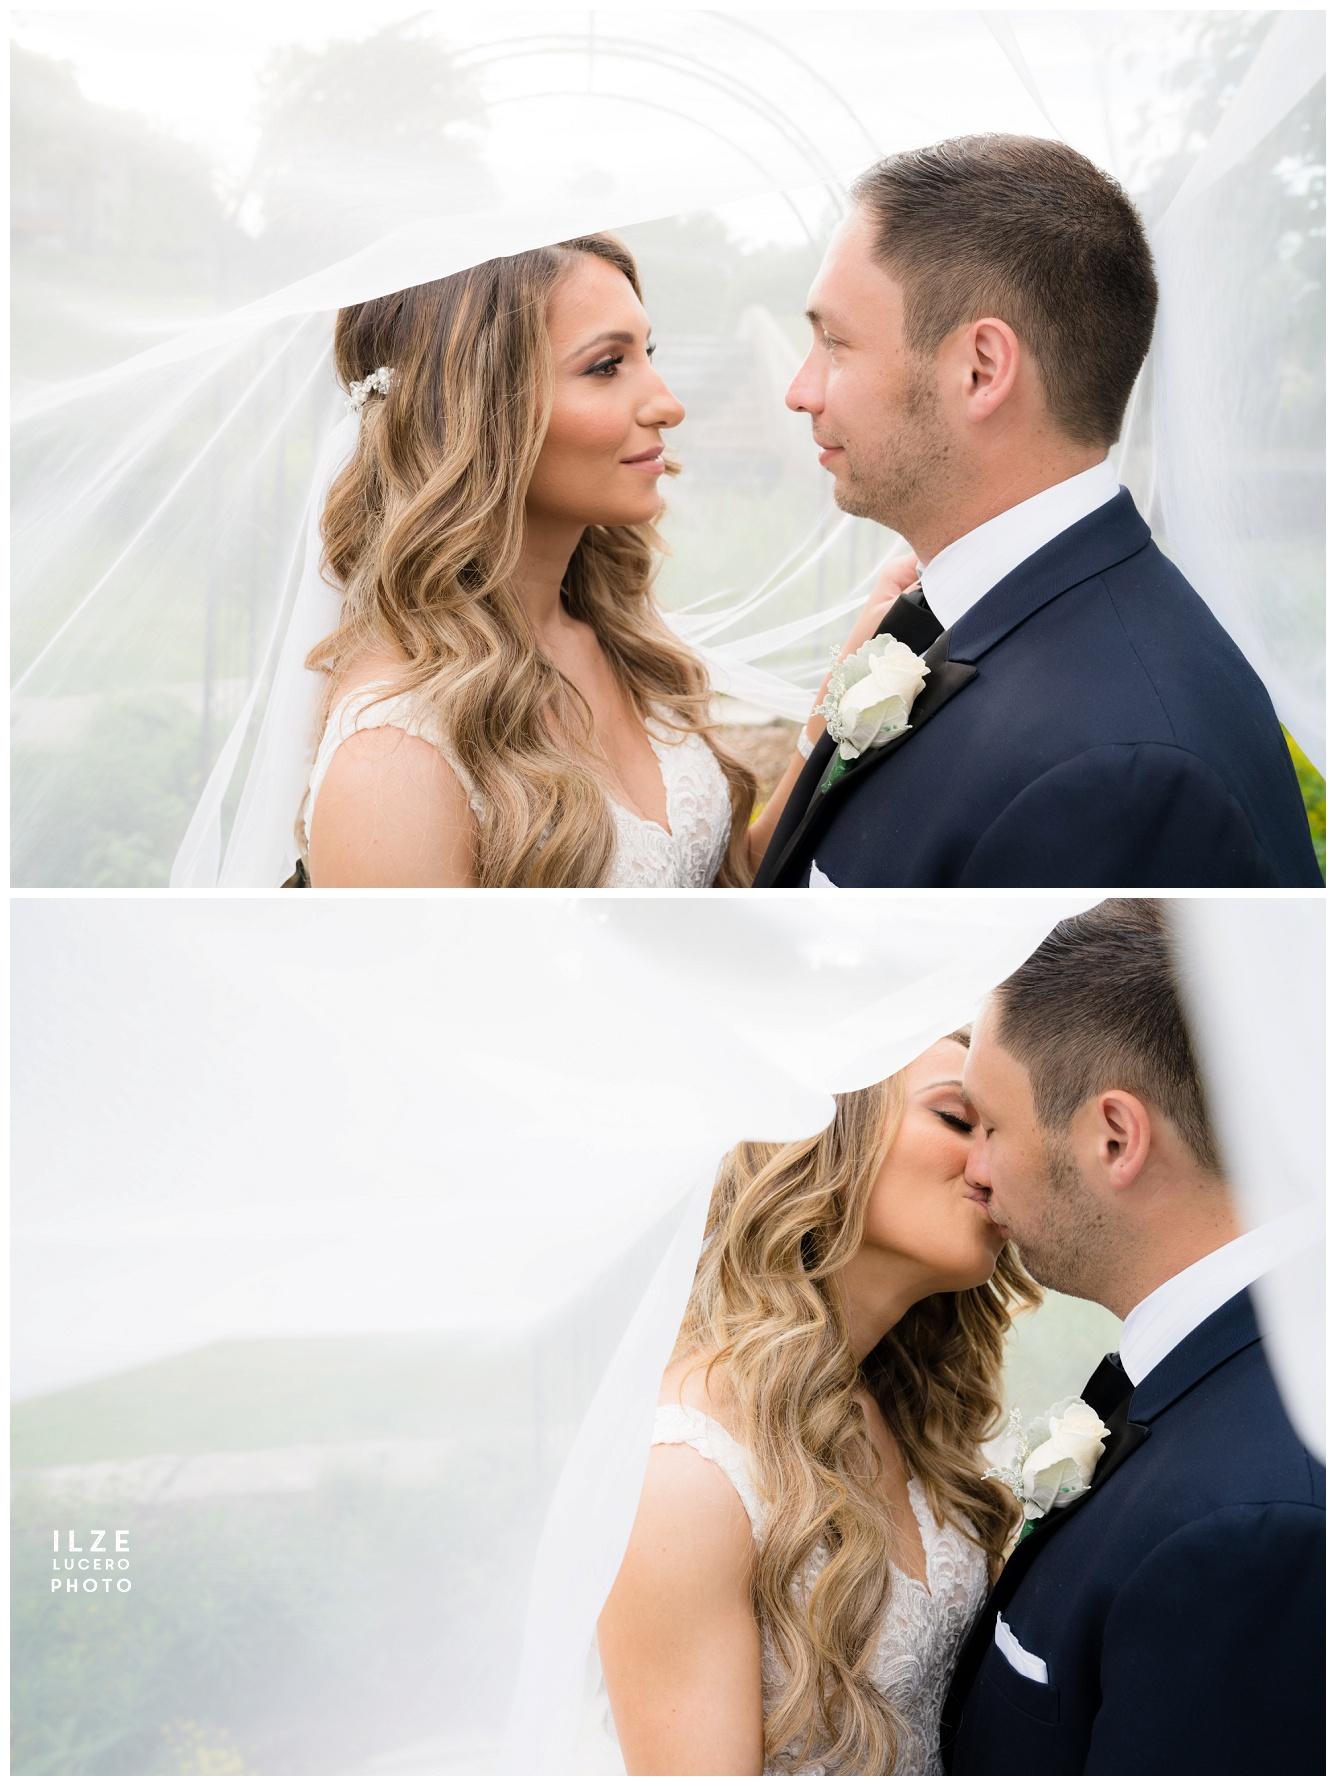 Wedding photogrpher in Detroit